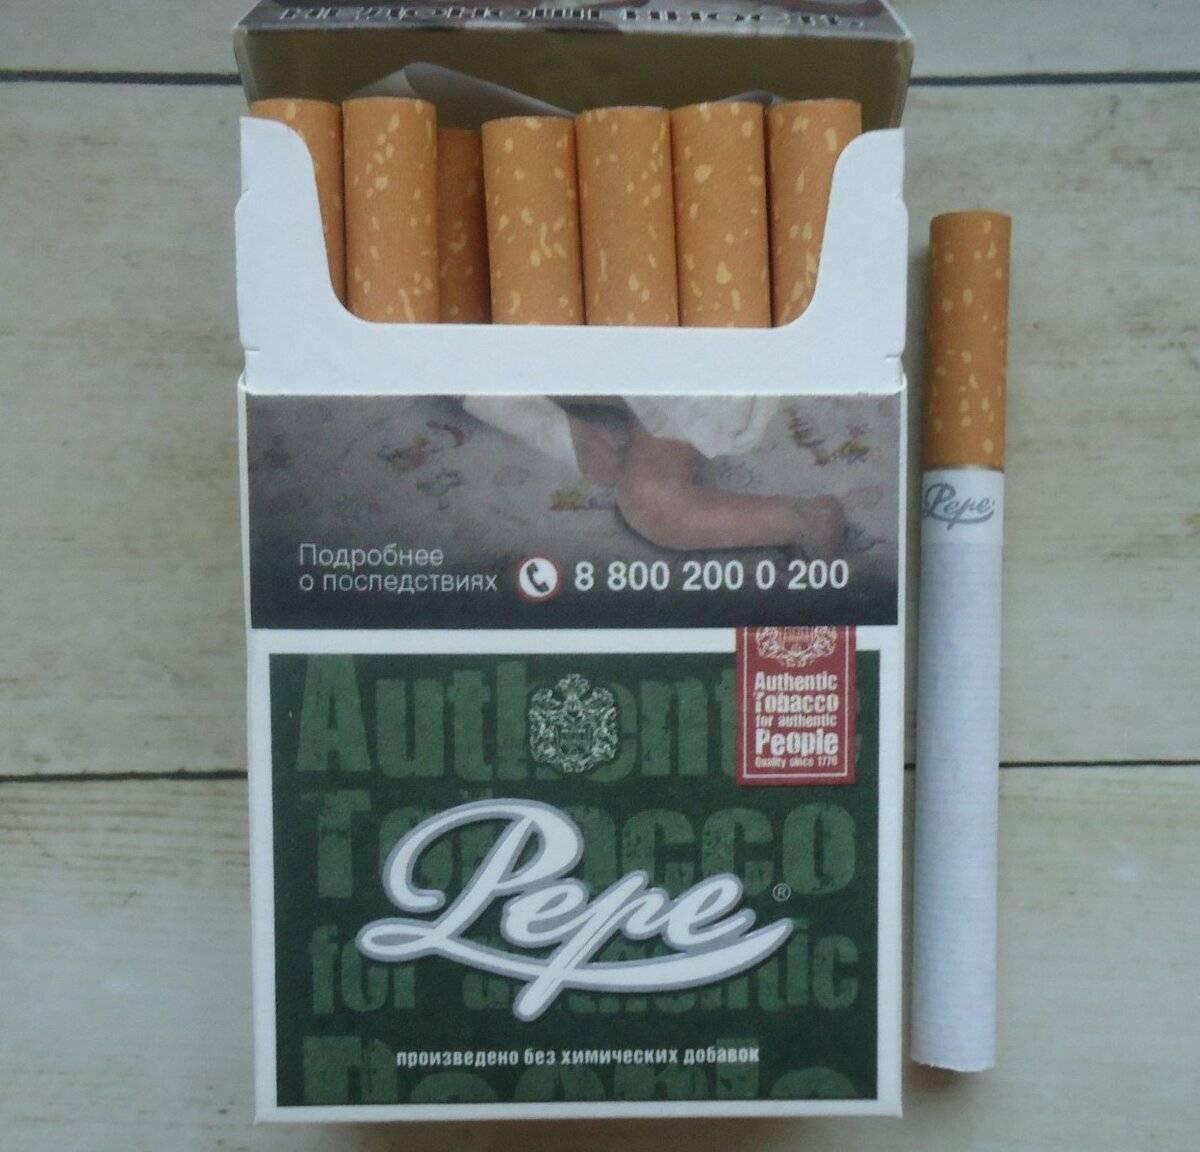 3 марки лучших сигарет до 80 рублей, которые скупают блоками: чистый табак без химикатов   табачная культура   яндекс дзен